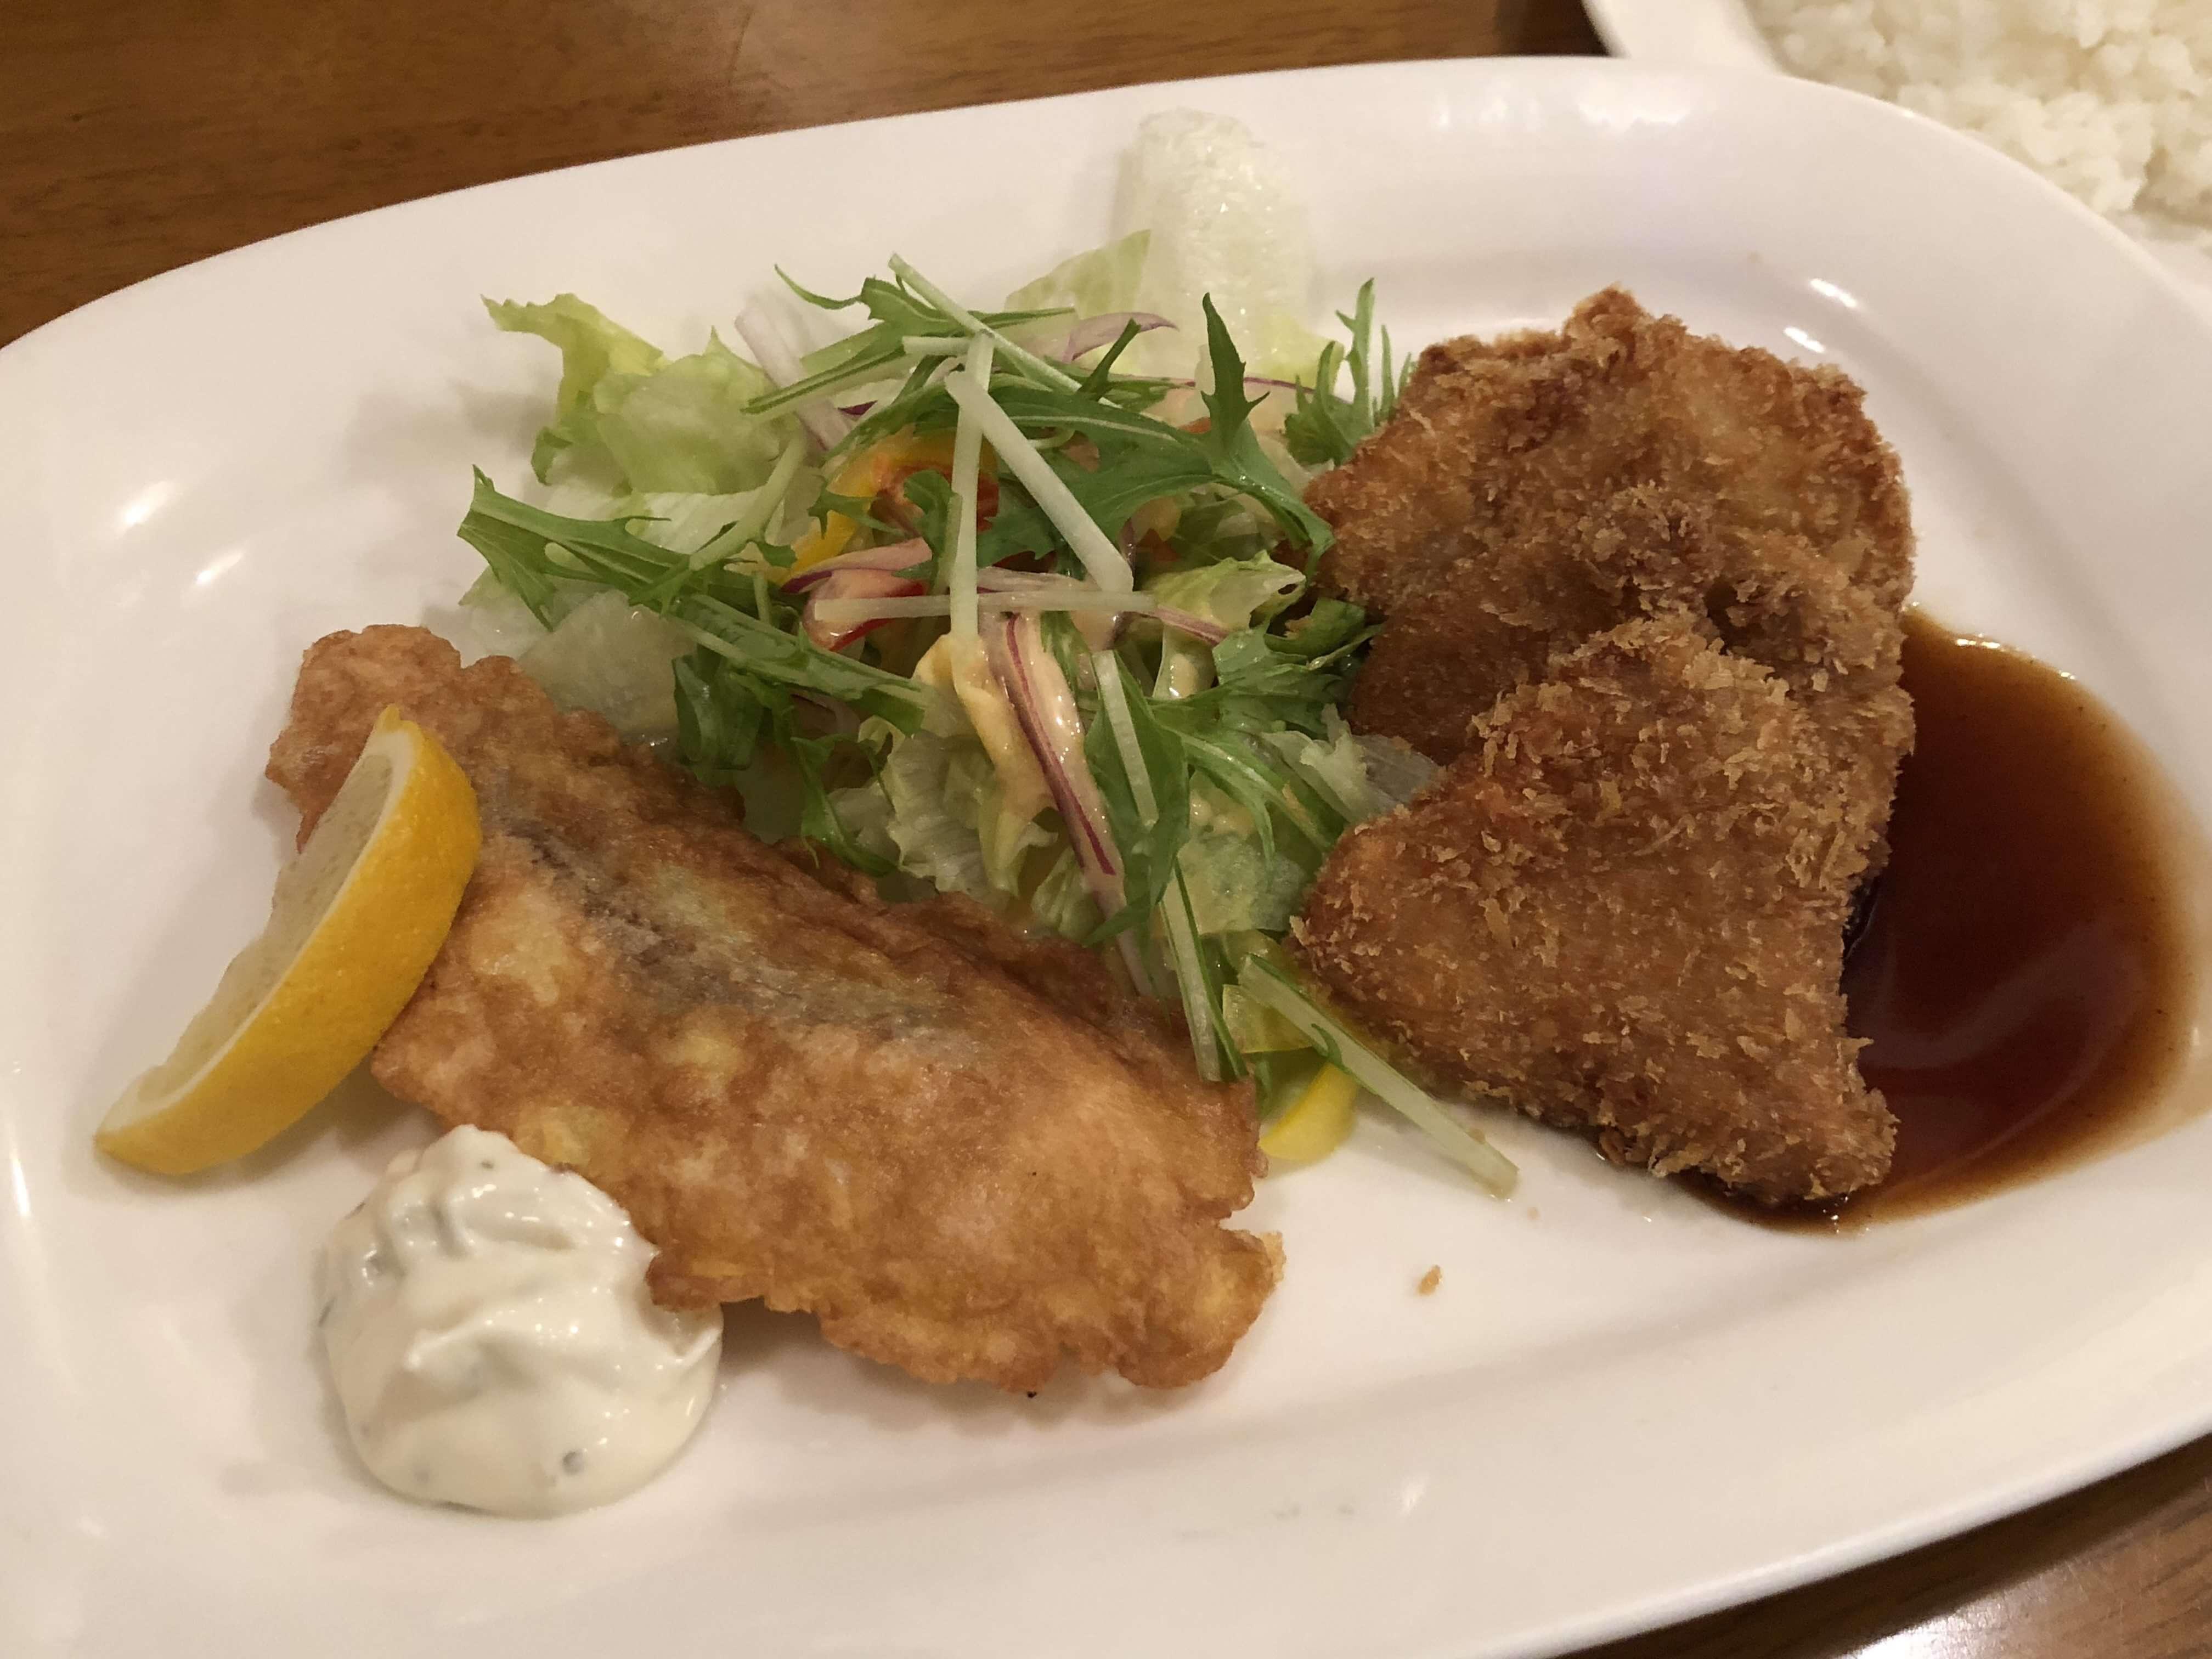 『 洋食屋たぁげっと 』老舗洋食店でお得なランチ !!